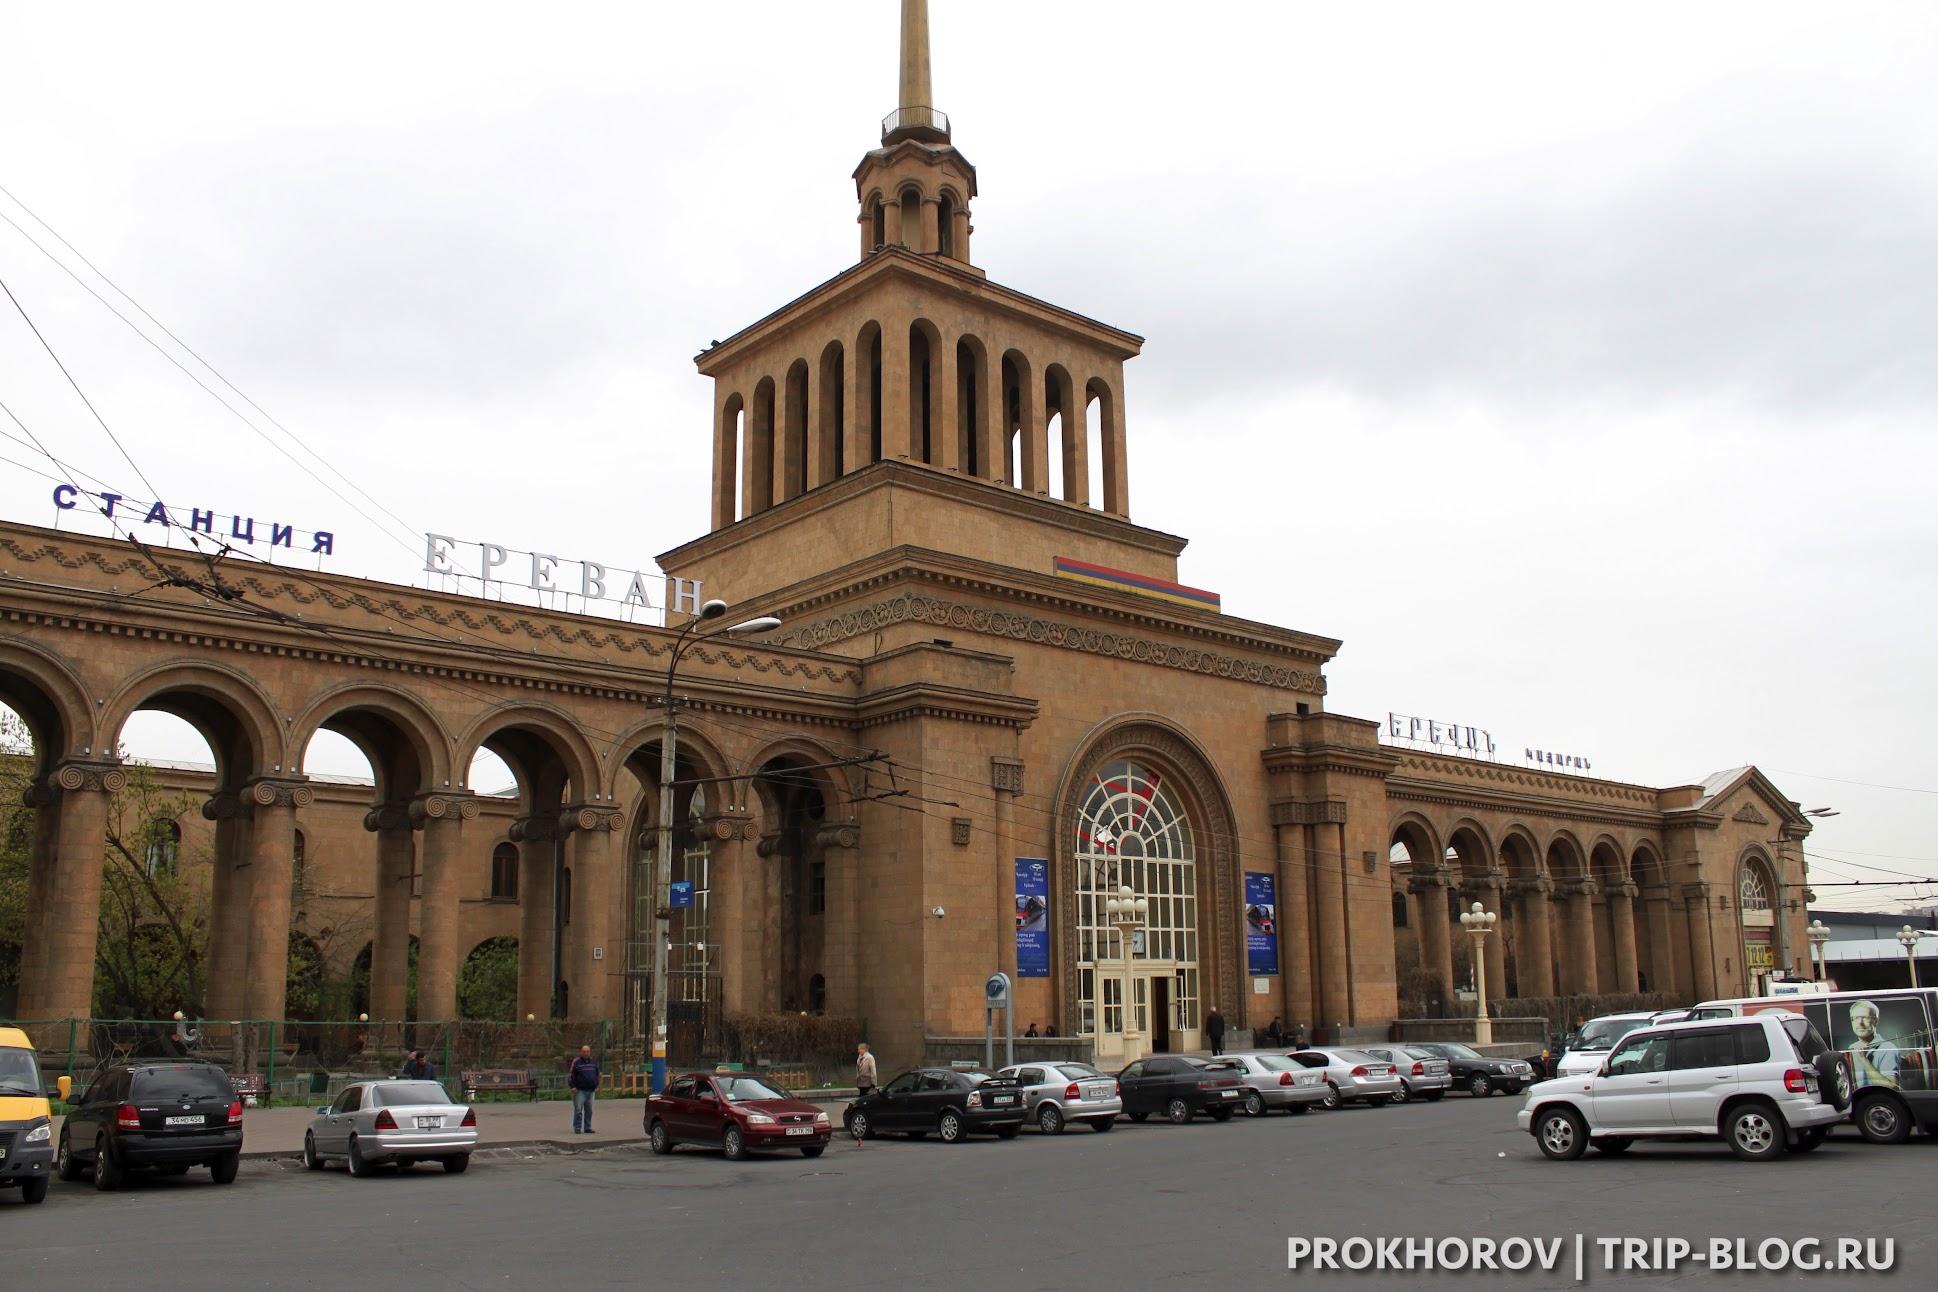 Ереван ж/д вокзал